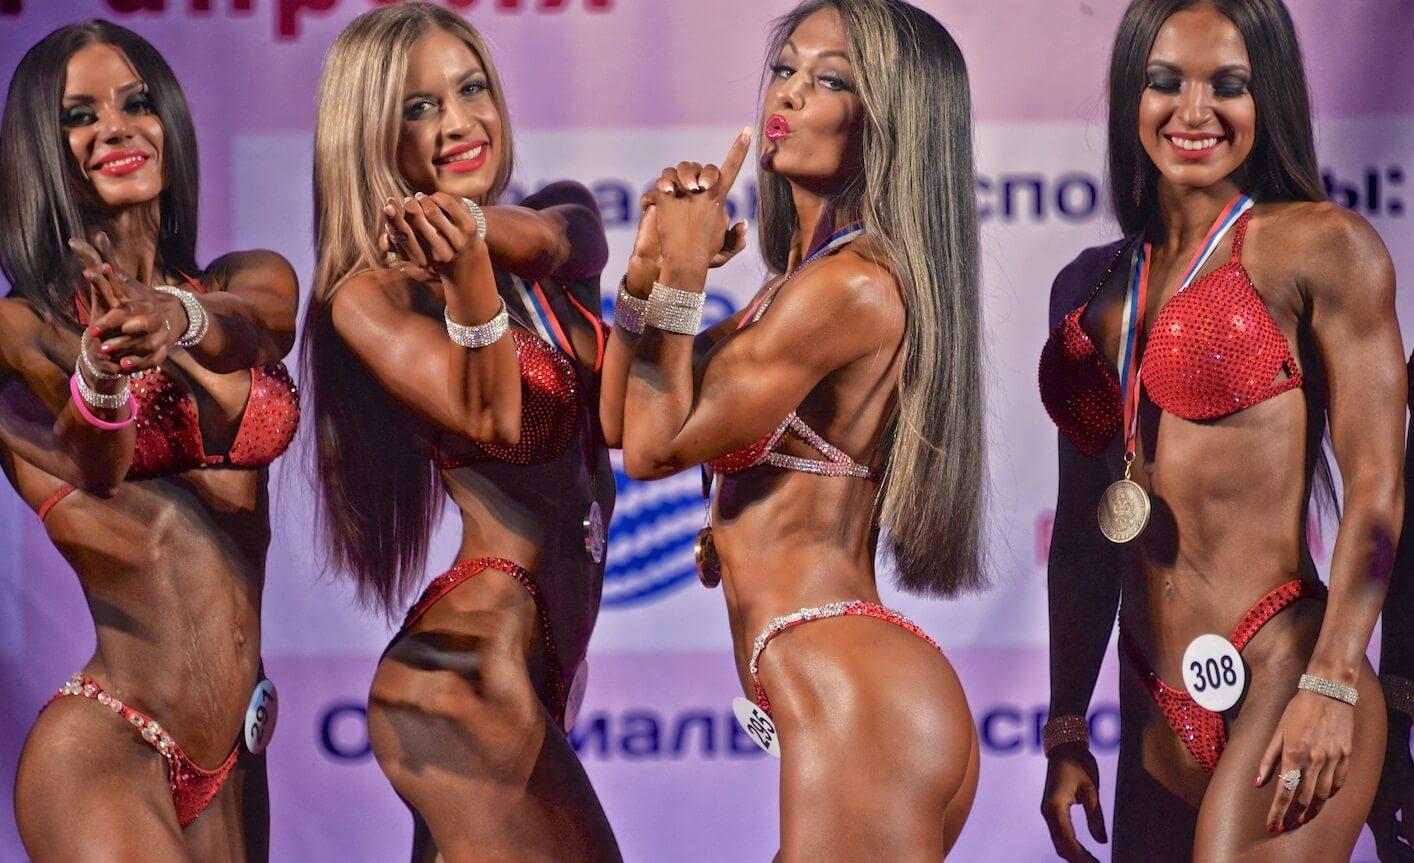 Фитнес бикини ольга блохина: биография, фото, тренировки и питание спортсменки